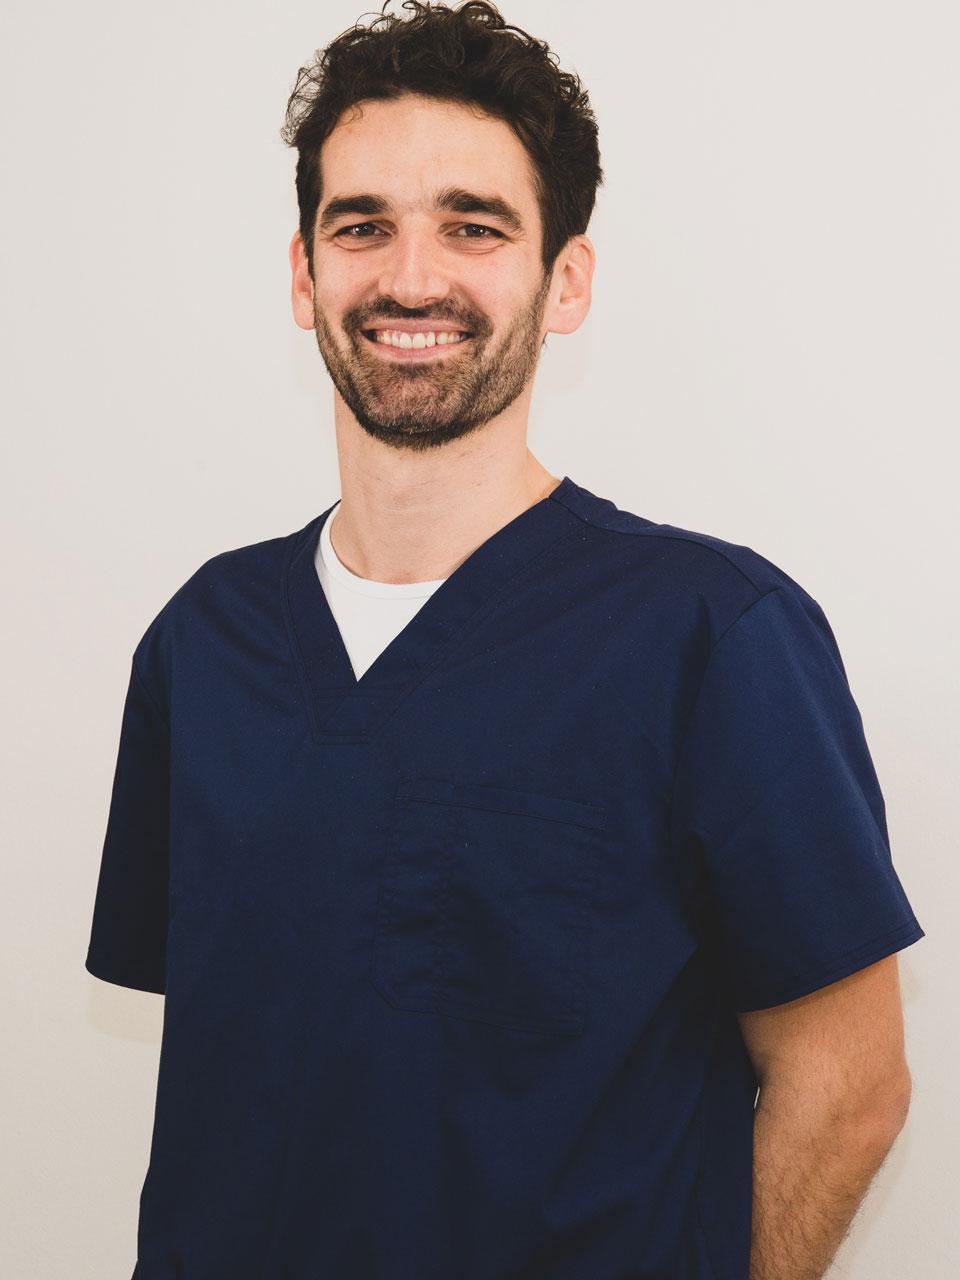 Dr Giuliano Malaguti dello studio Tondelli e Malaguti